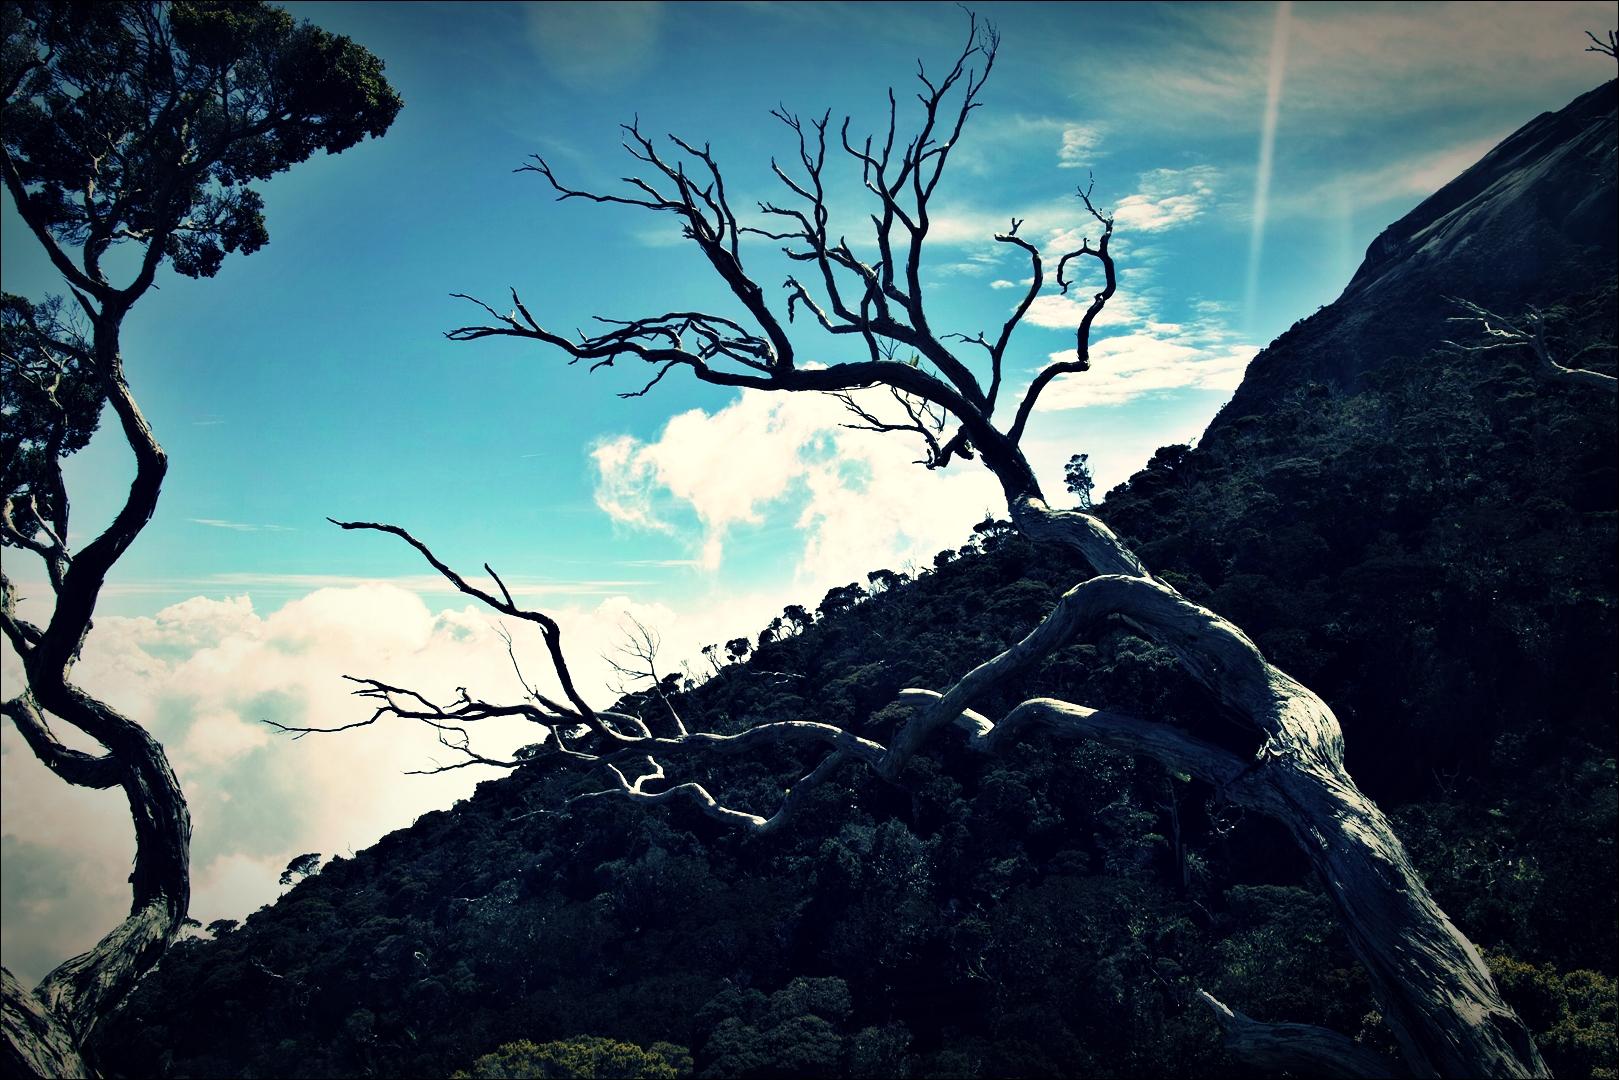 사슴뿔처럼 뻗은 나뭇가지-'키나발루 산 등정 Climbing mount Kinabalu Low's peak the summit'